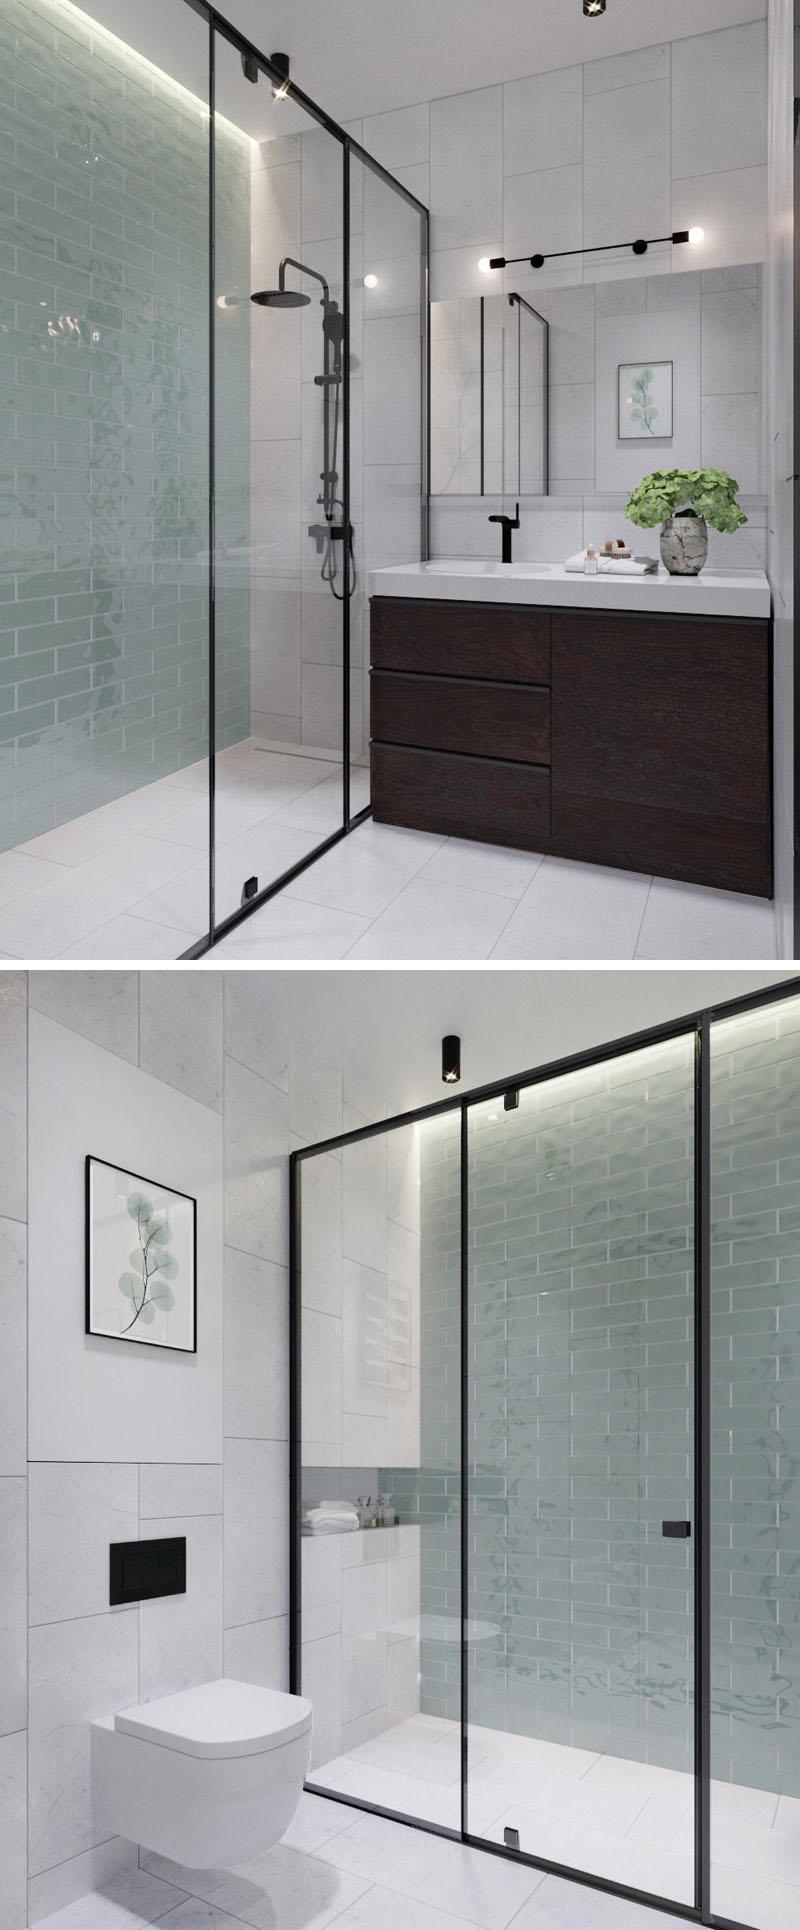 Badkamers voorbeelden moderne badkamers voorbeelden - Badkamer klein gebied m ...